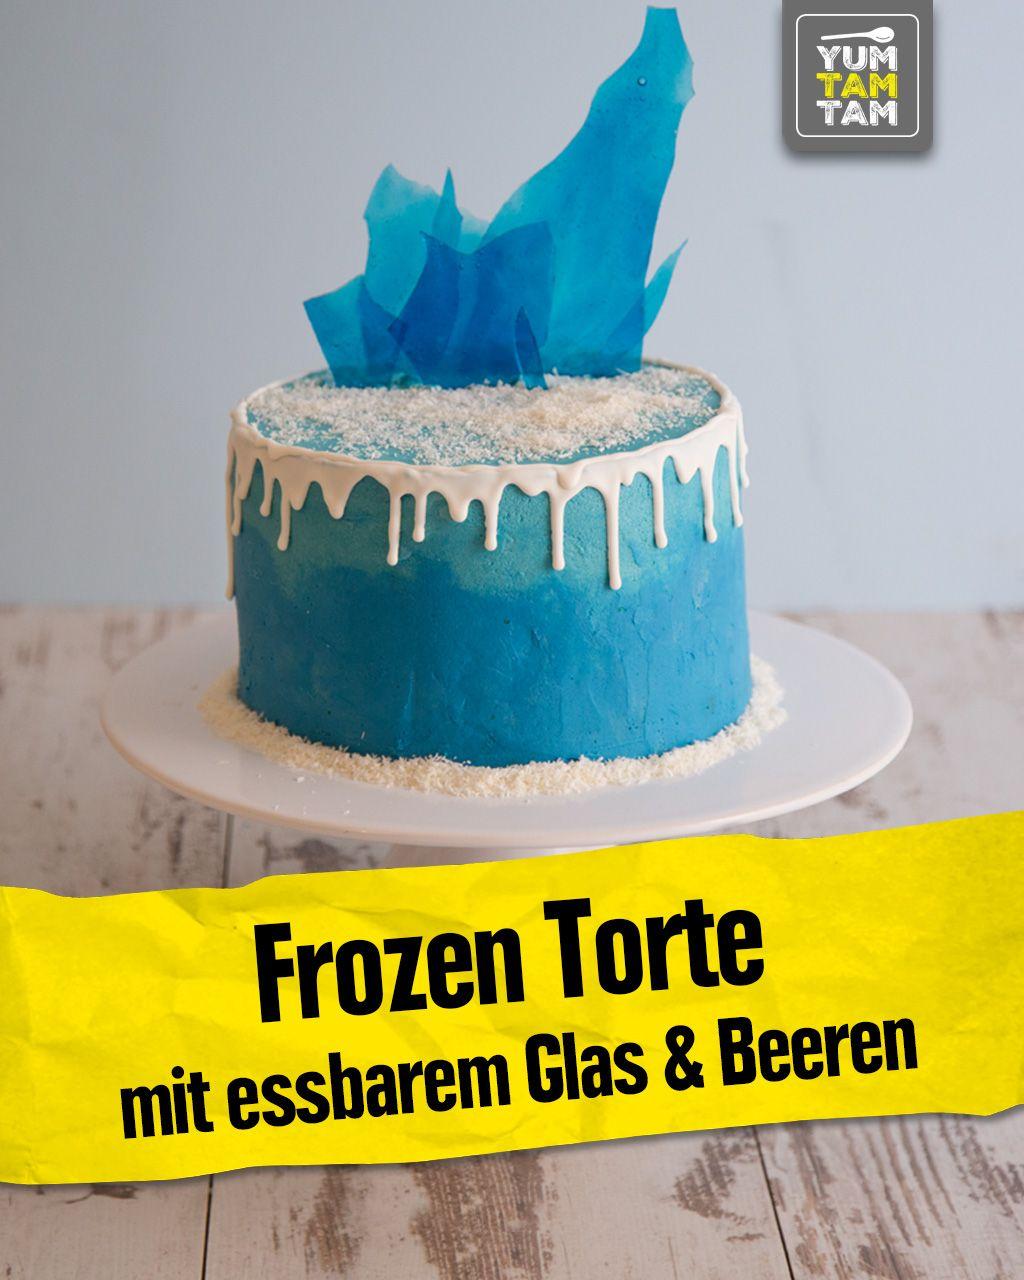 Frozen-Torte mit essbarem Glas & Beeren